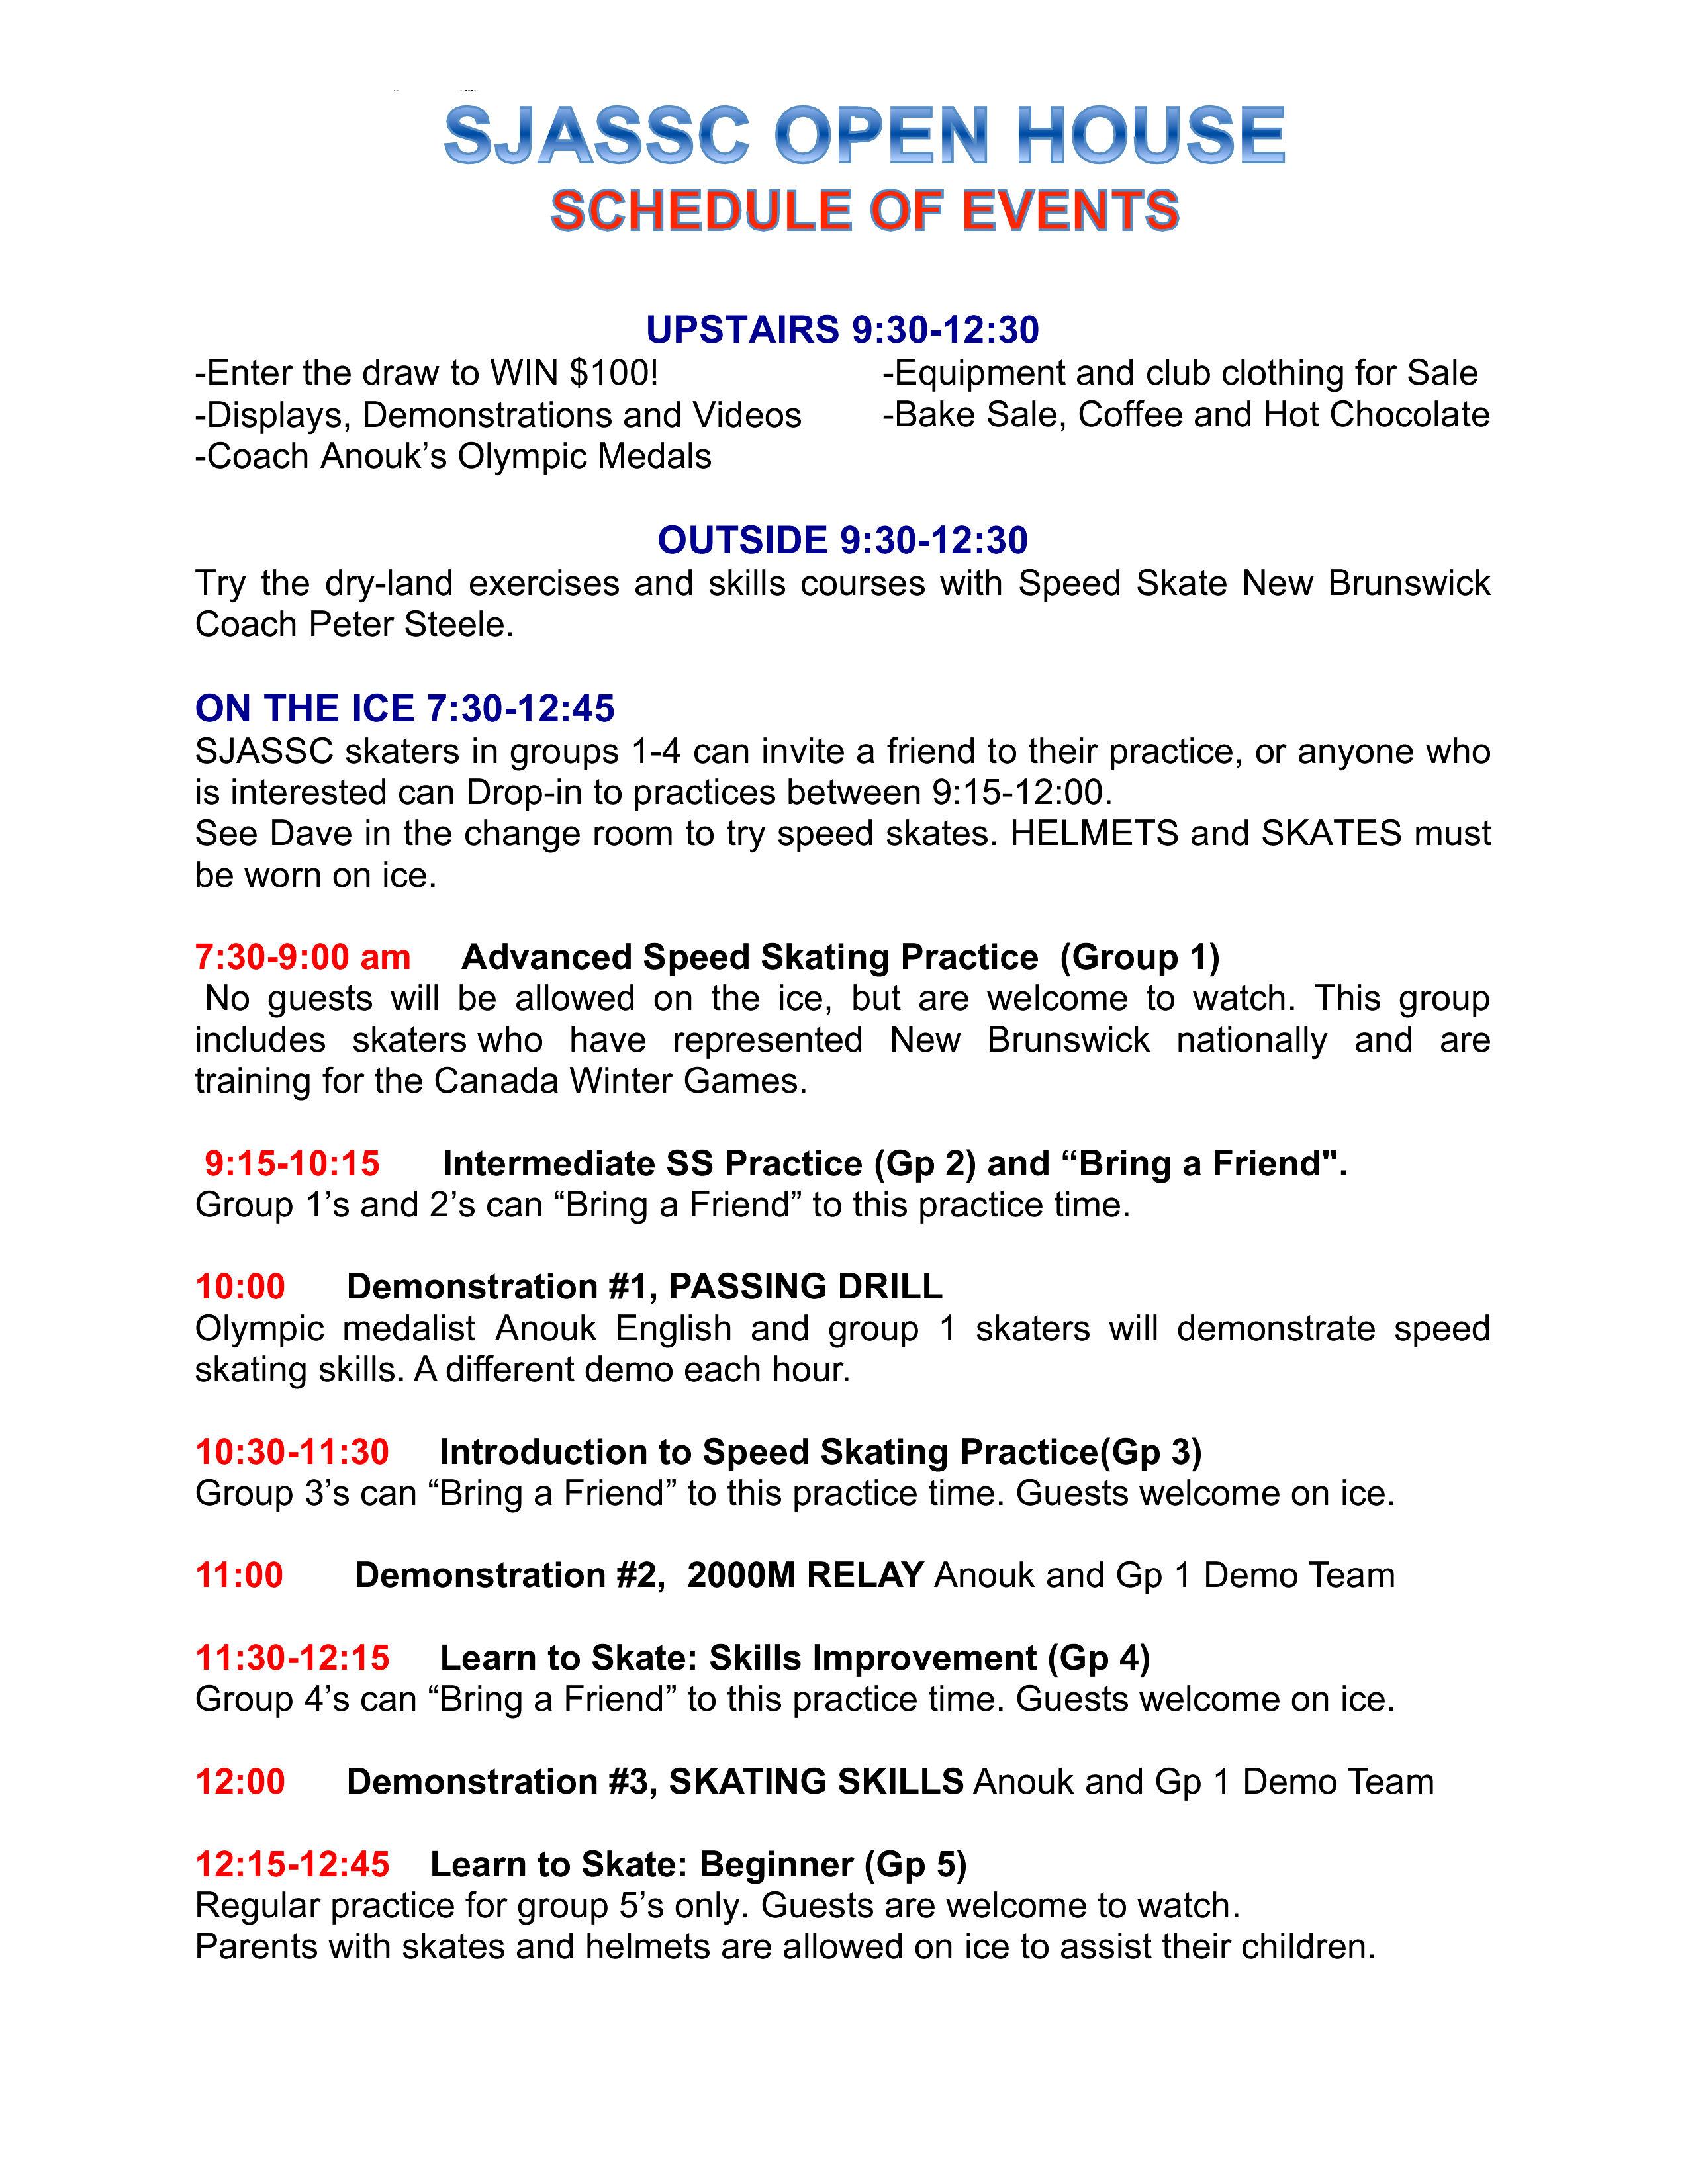 OPen House schedule 1